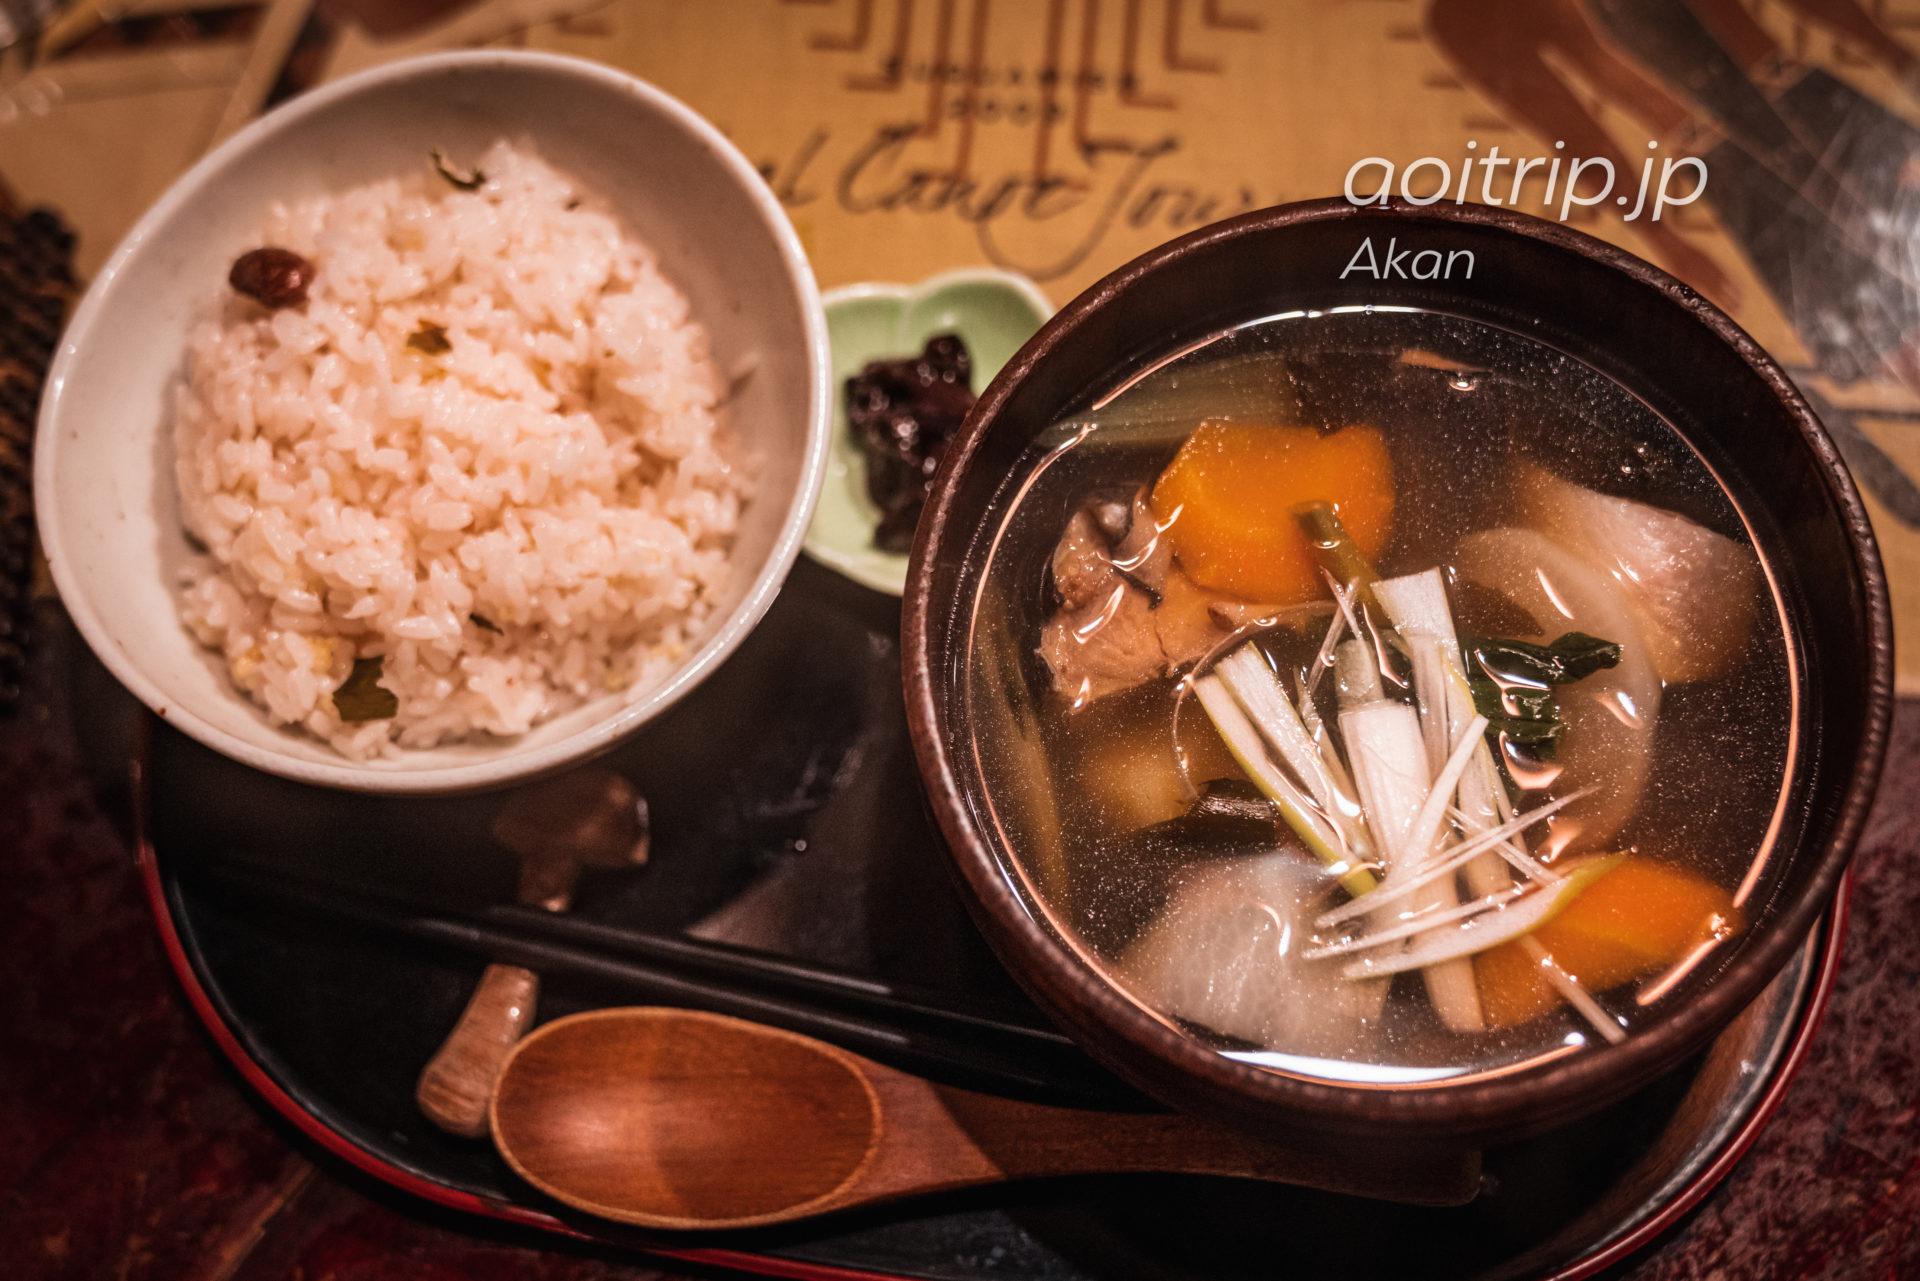 阿寒湖アイヌコタン Ainu Kotan 民芸喫茶ポロンノのユクオハウ(鹿汁)